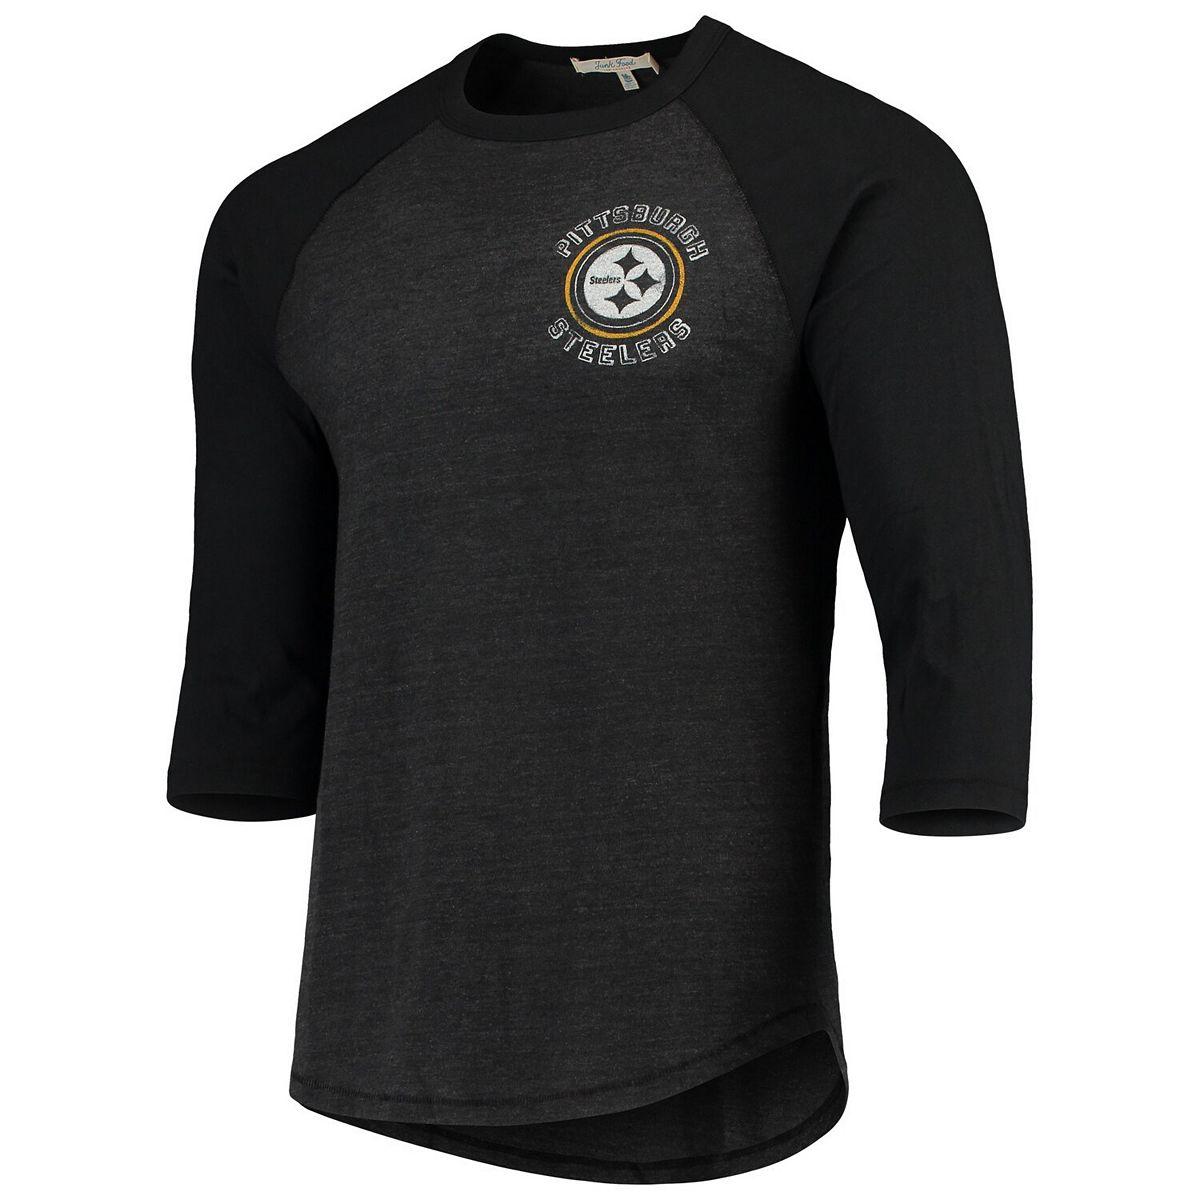 Men's Junk Food Heathered Black/Black Pittsburgh Steelers Contrast 3/4-Sleeve Raglan Tri-Blend T-Shirt GpaEi